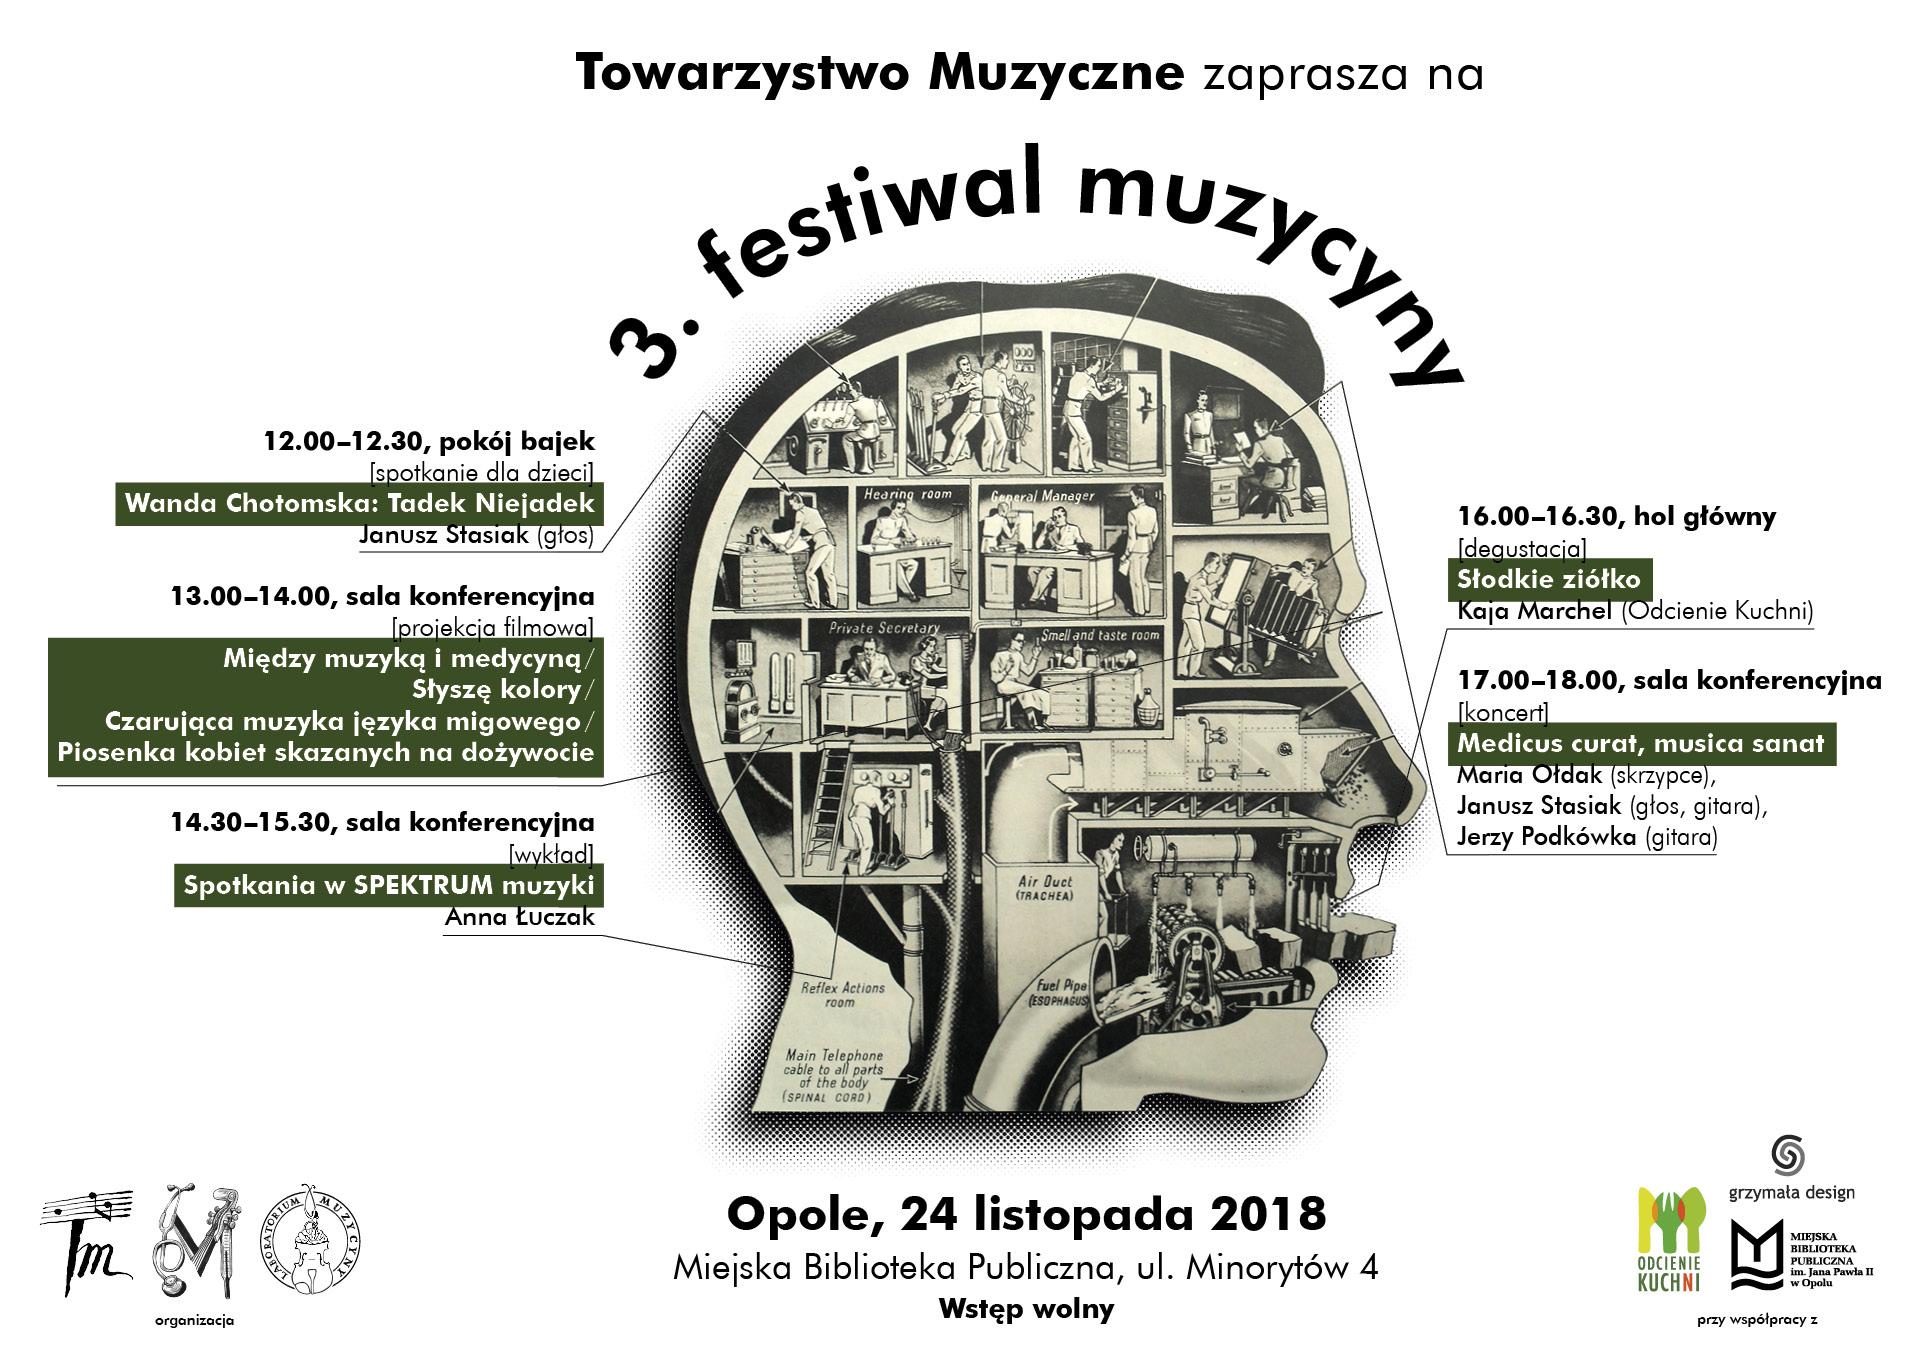 3. Festiwal Muzycyny